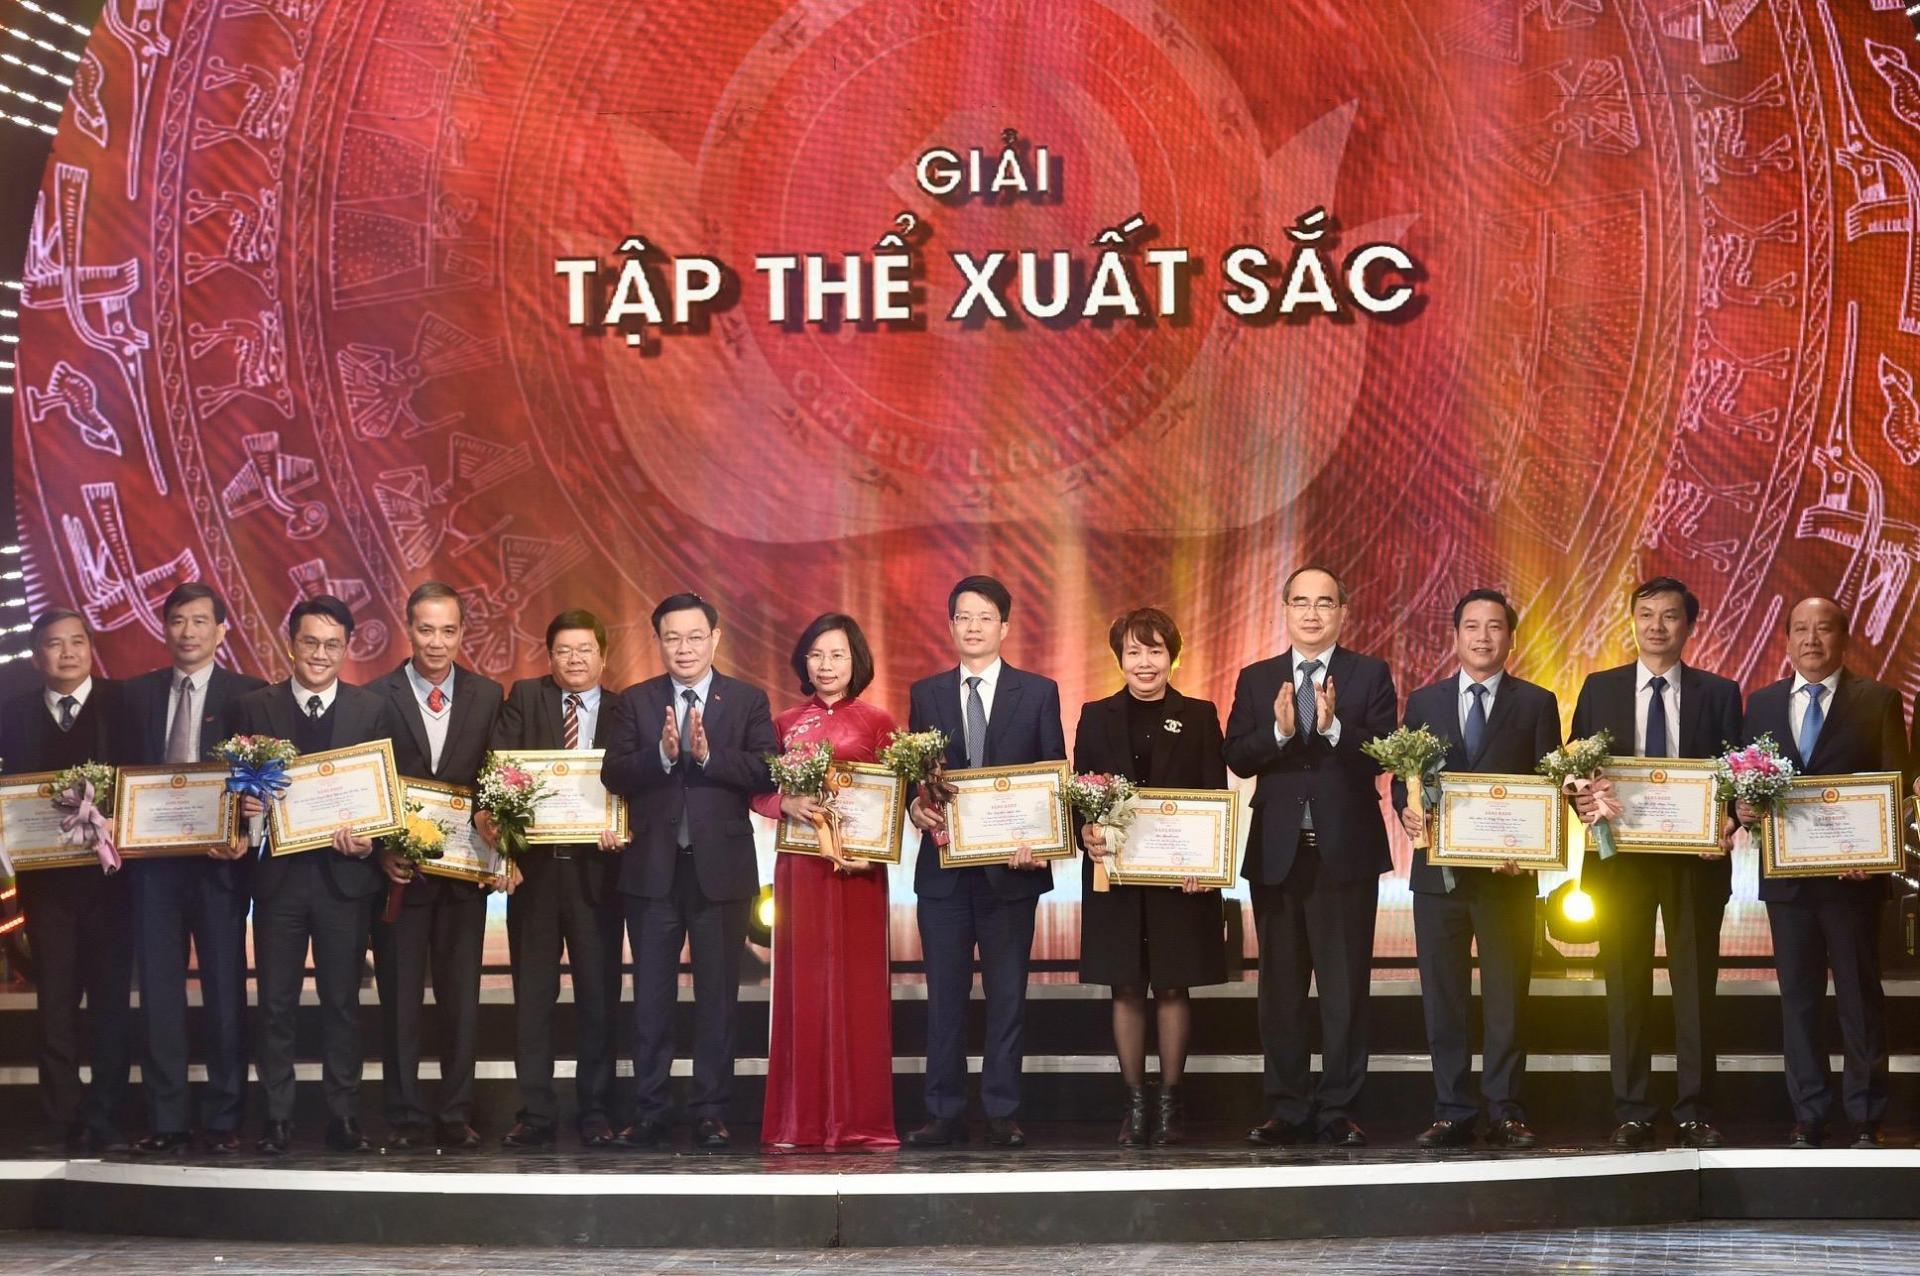 Các tác giả được trao giải Tập thể xuất sắc.